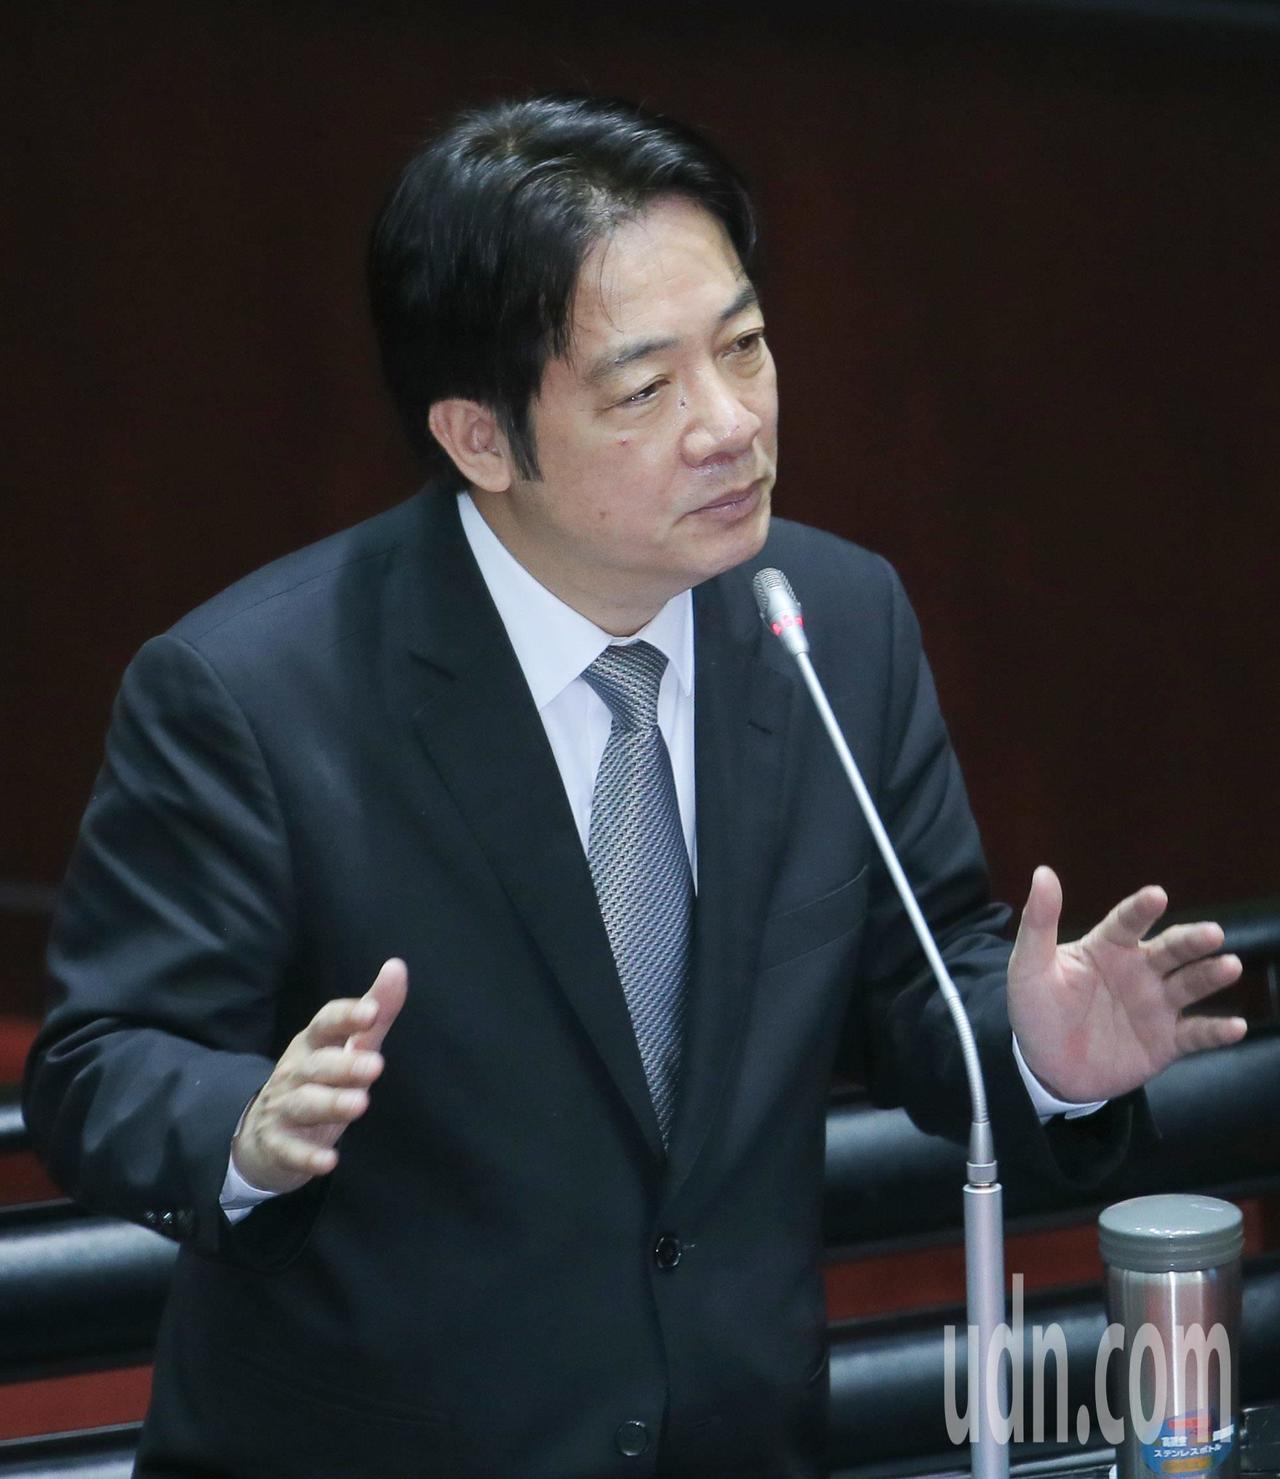 行政院長賴清德上午在立法院答詢時說,中國政策不管是惠台政策或是九二共識等,最後目...